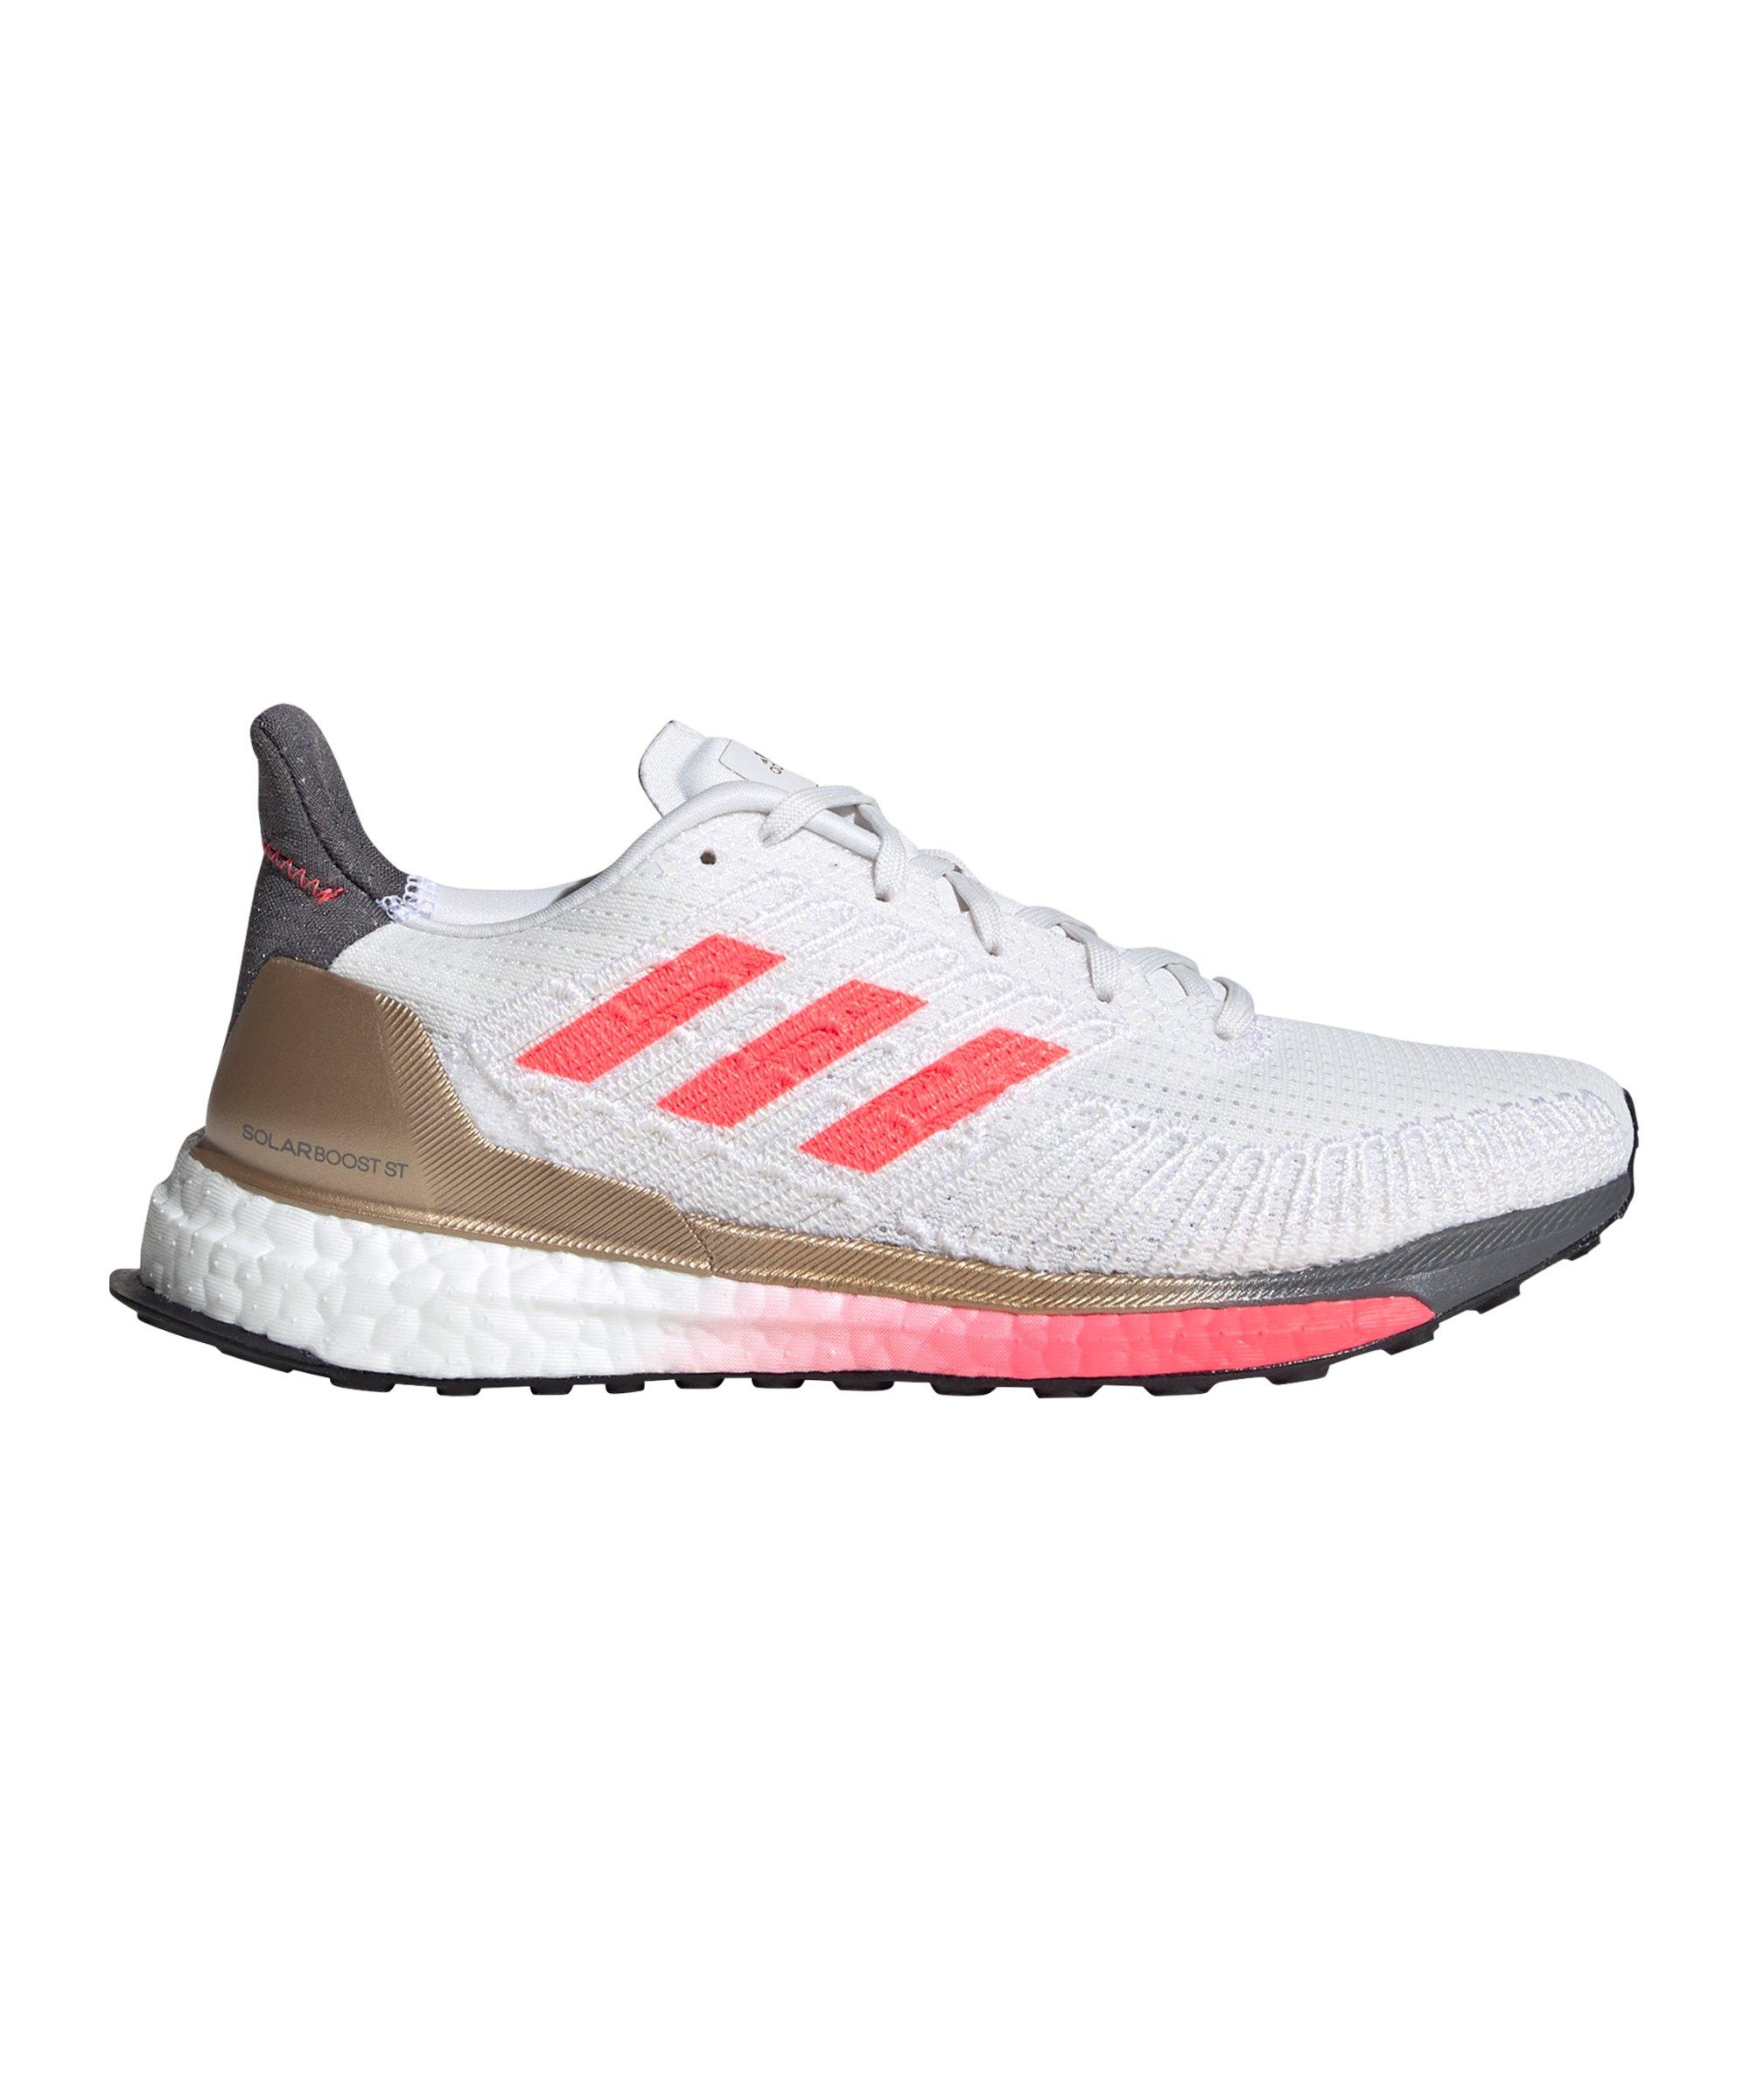 adidas Solar Boost ST 19 Running Damen Weiss Pink - weiss